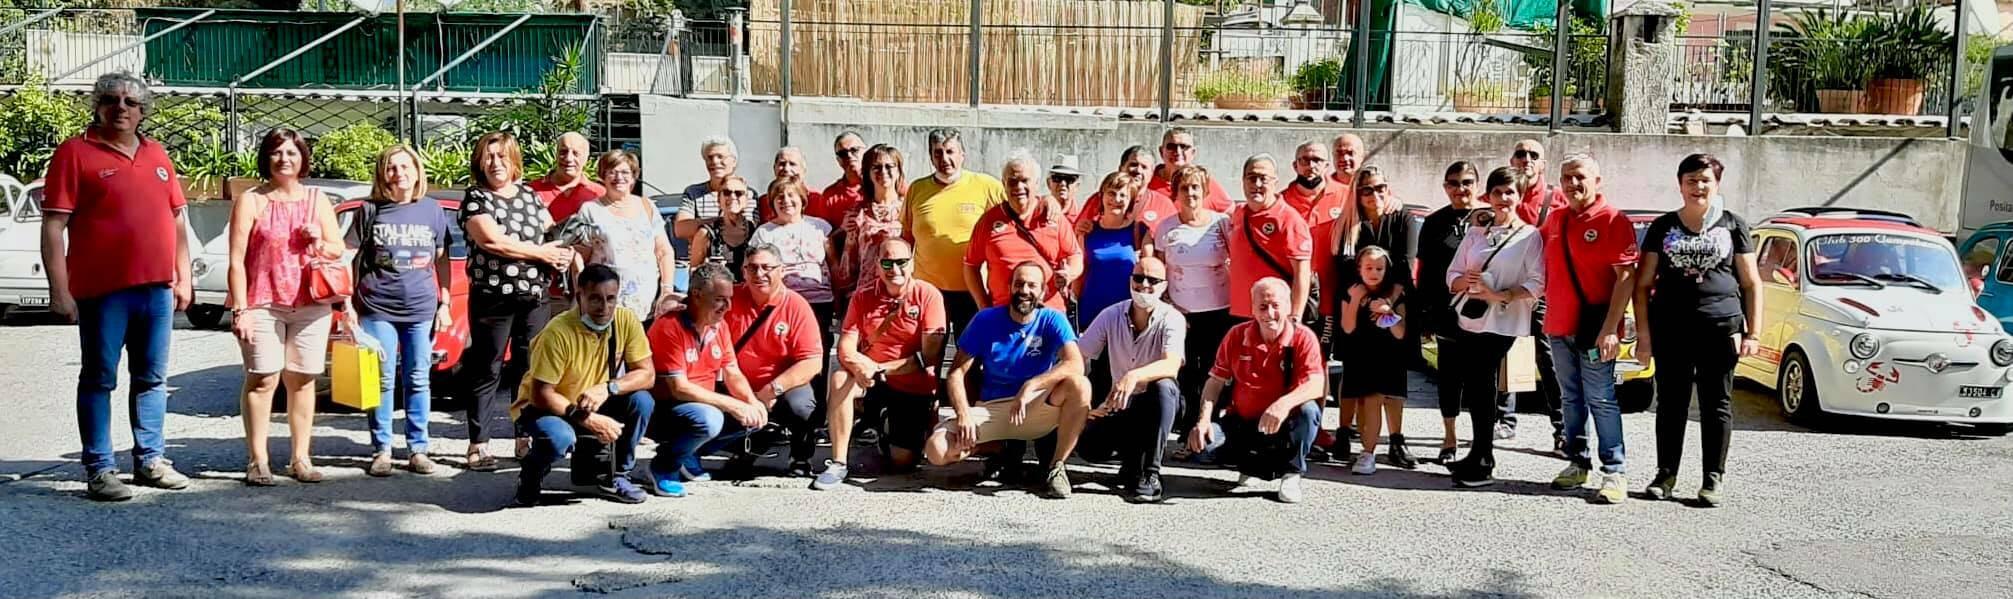 Positano club 500 con Campobasso